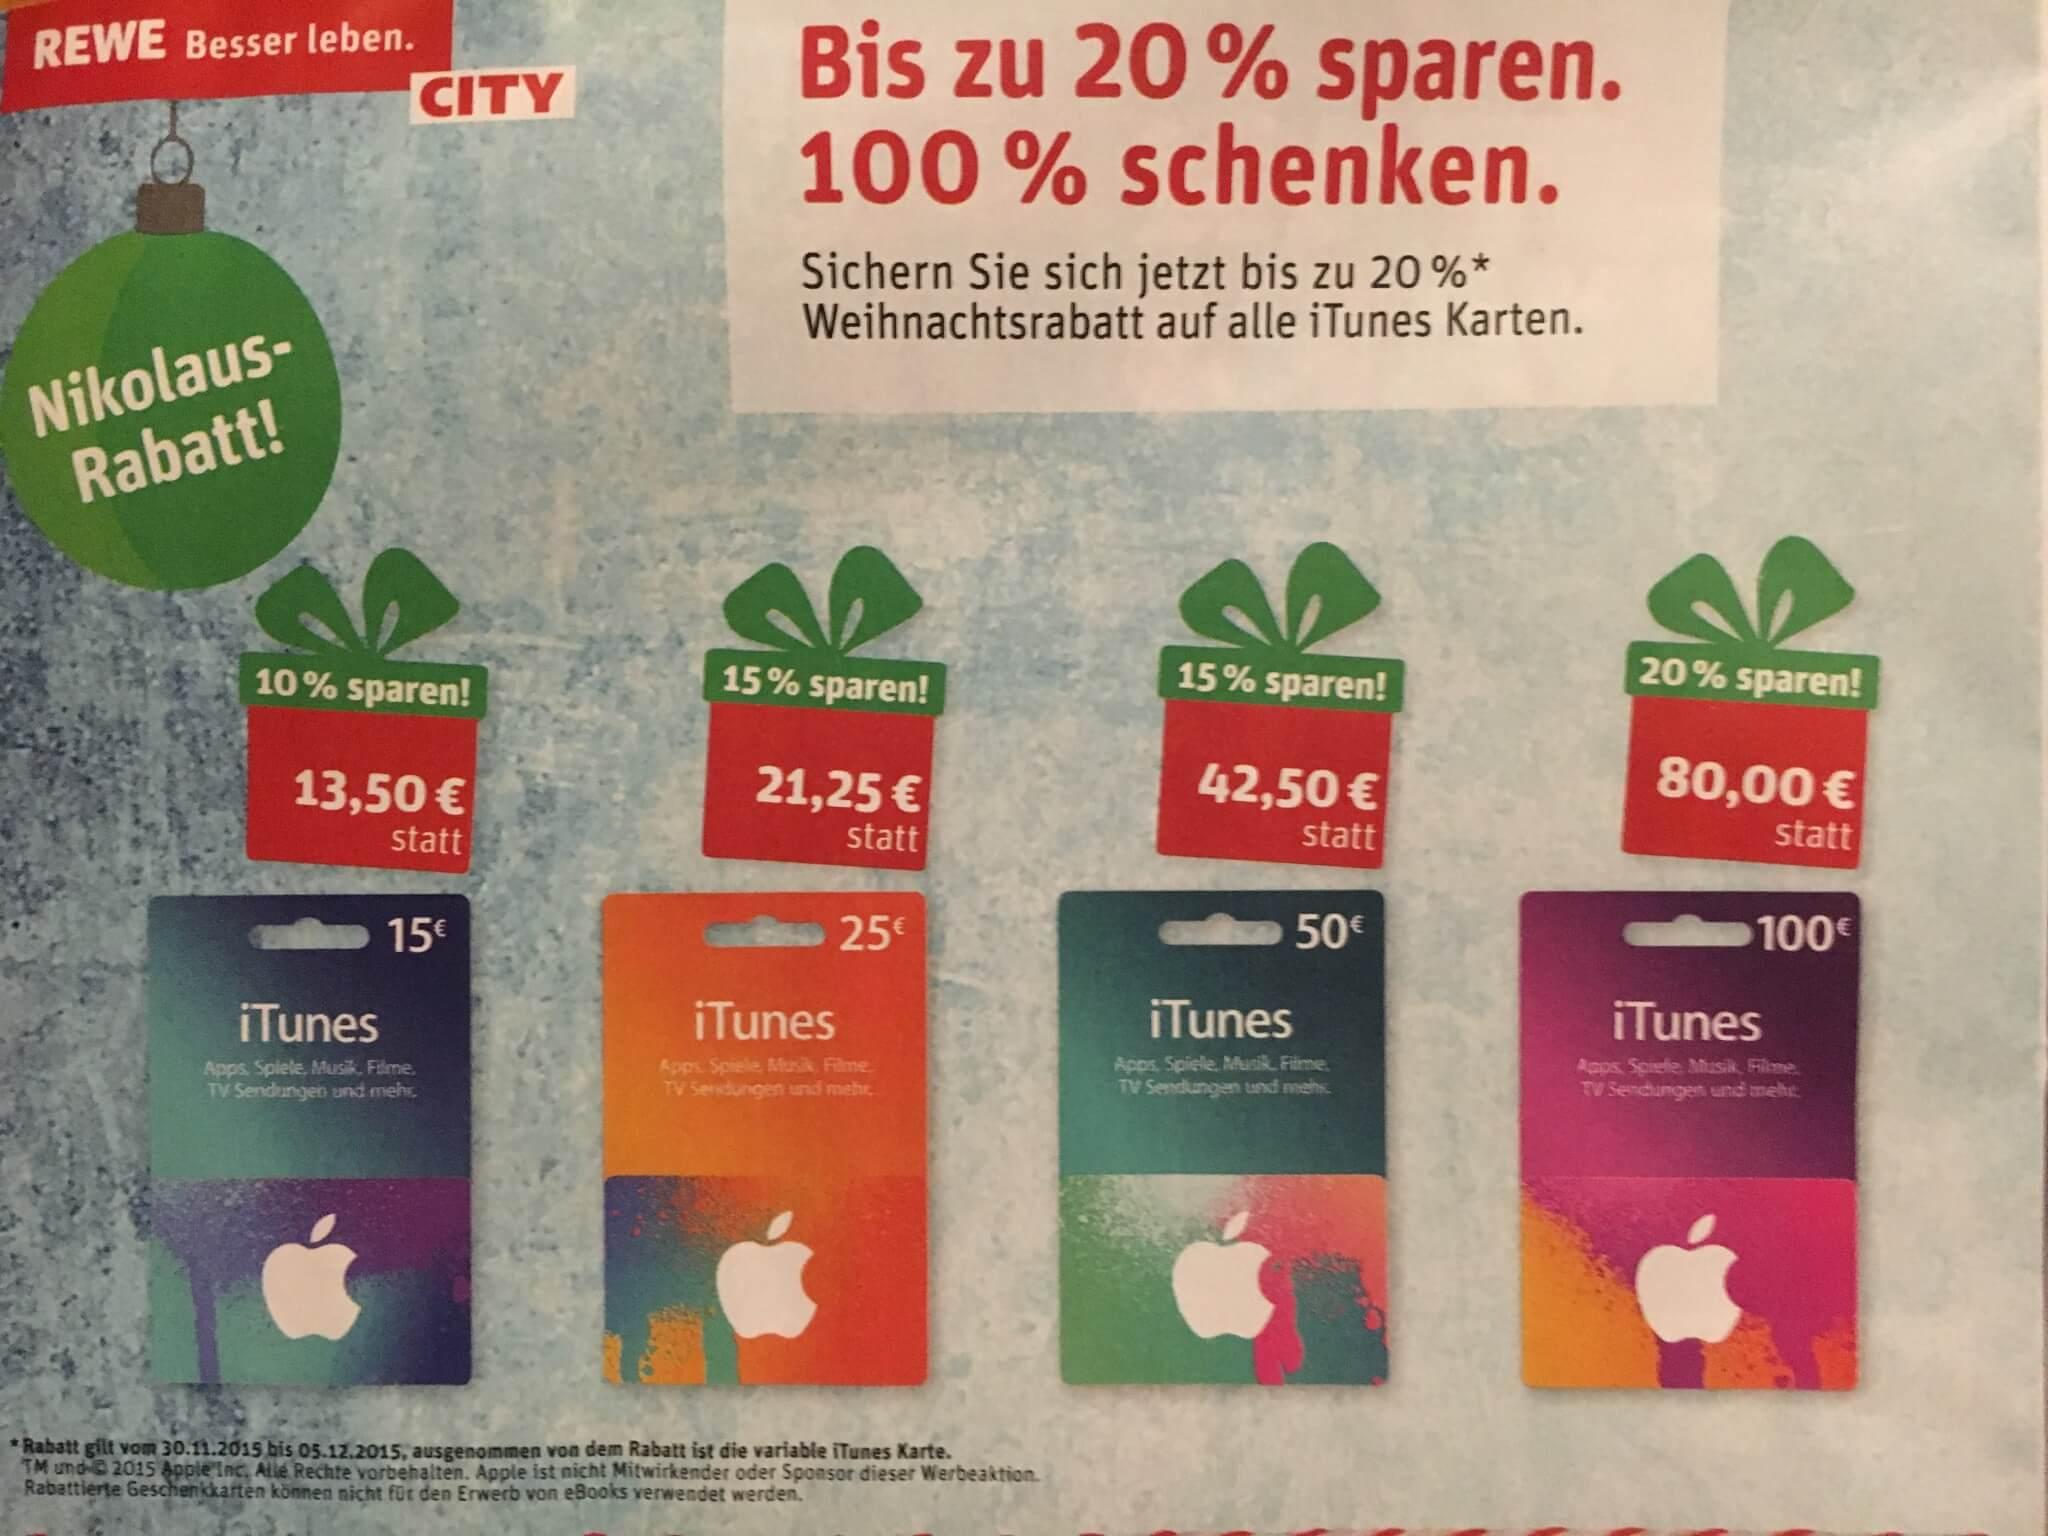 iTunes-Guthabenkarten im Angebot bei Rewe (aus Rewe-City-Prospekt)